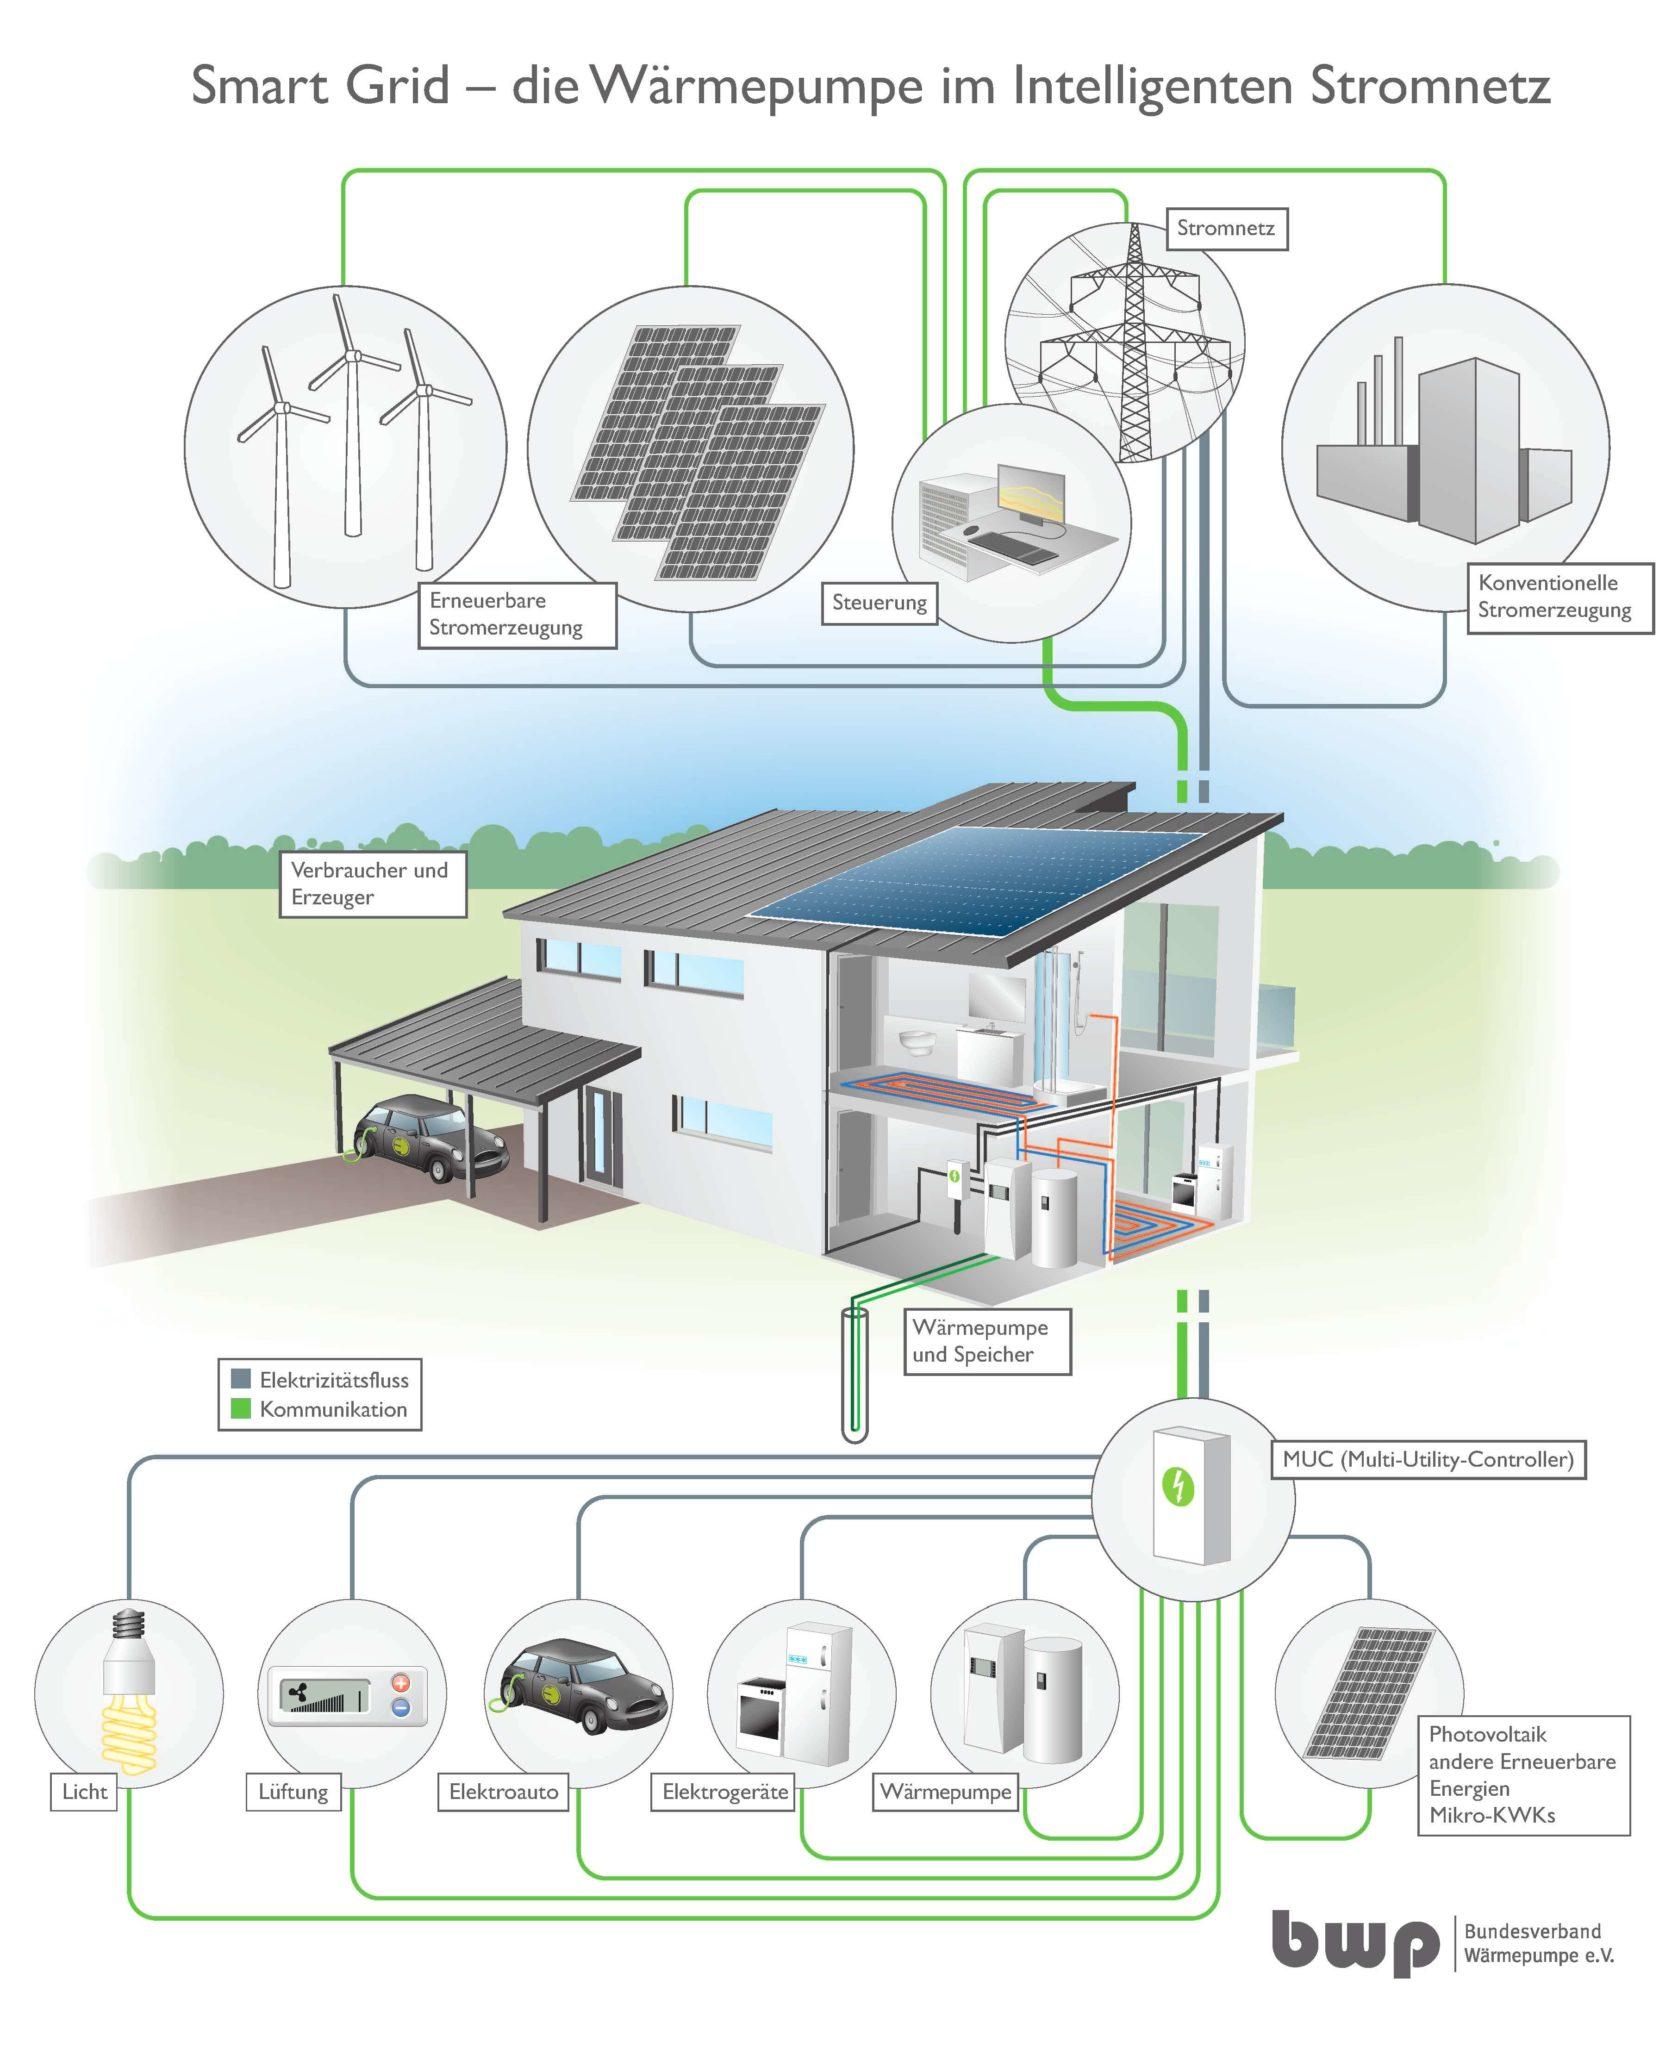 Die Wärmepumpe im intelligenten Stromnetz